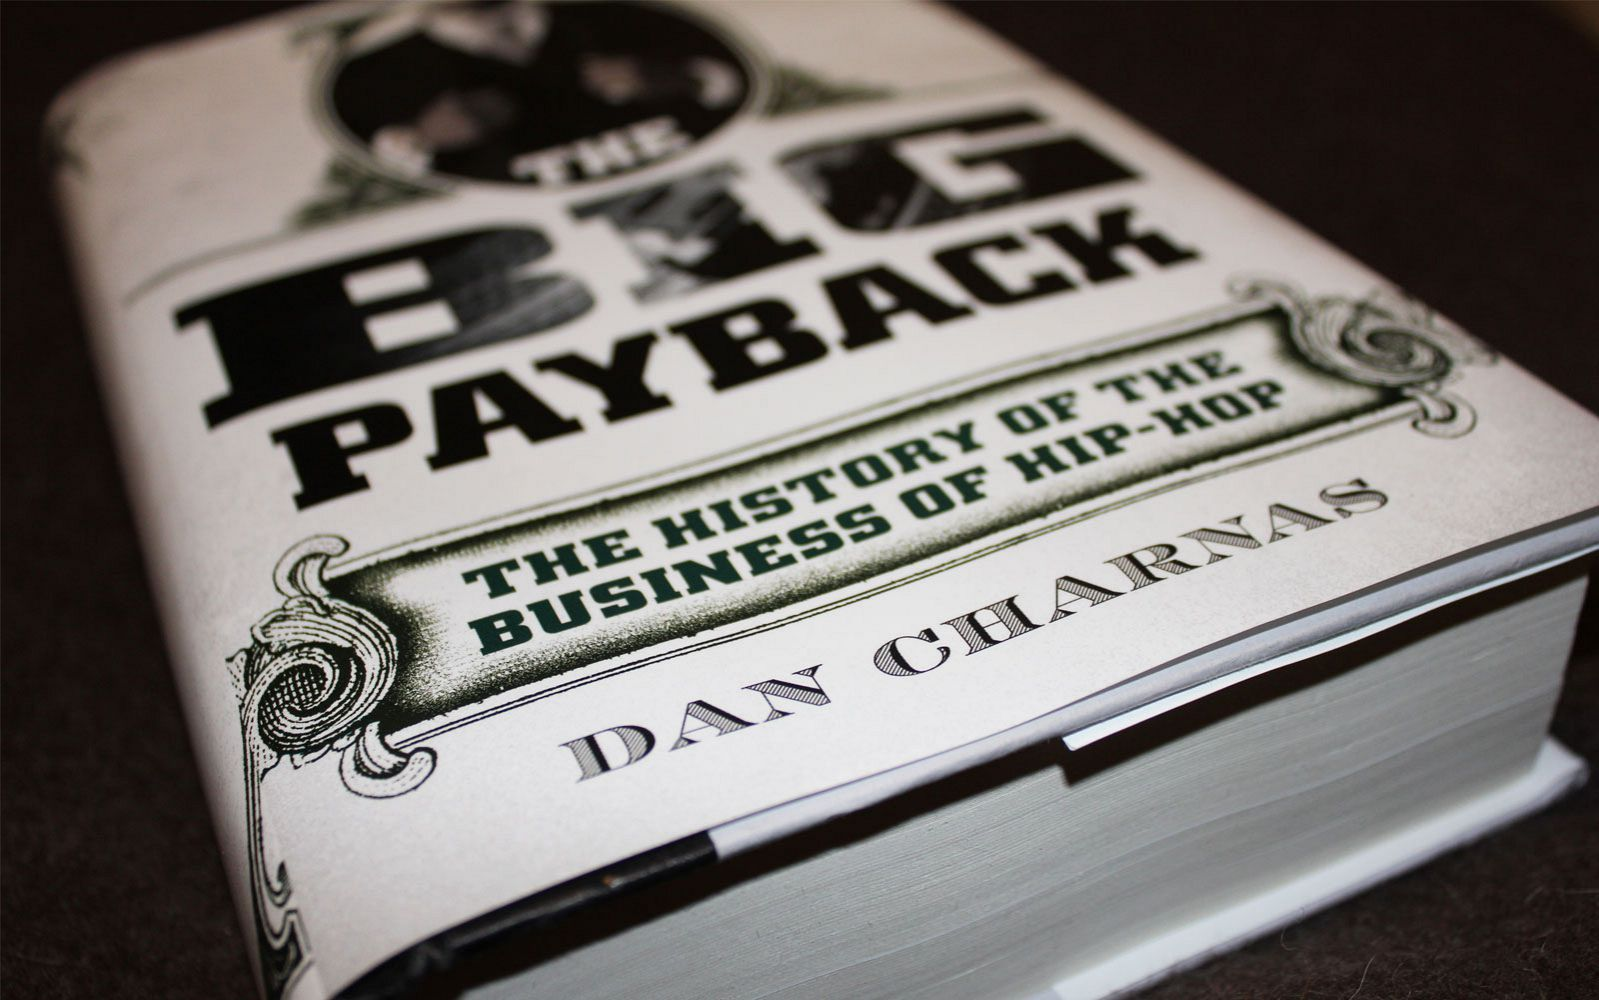 The Big Payback: 40 ans de businesship-hop